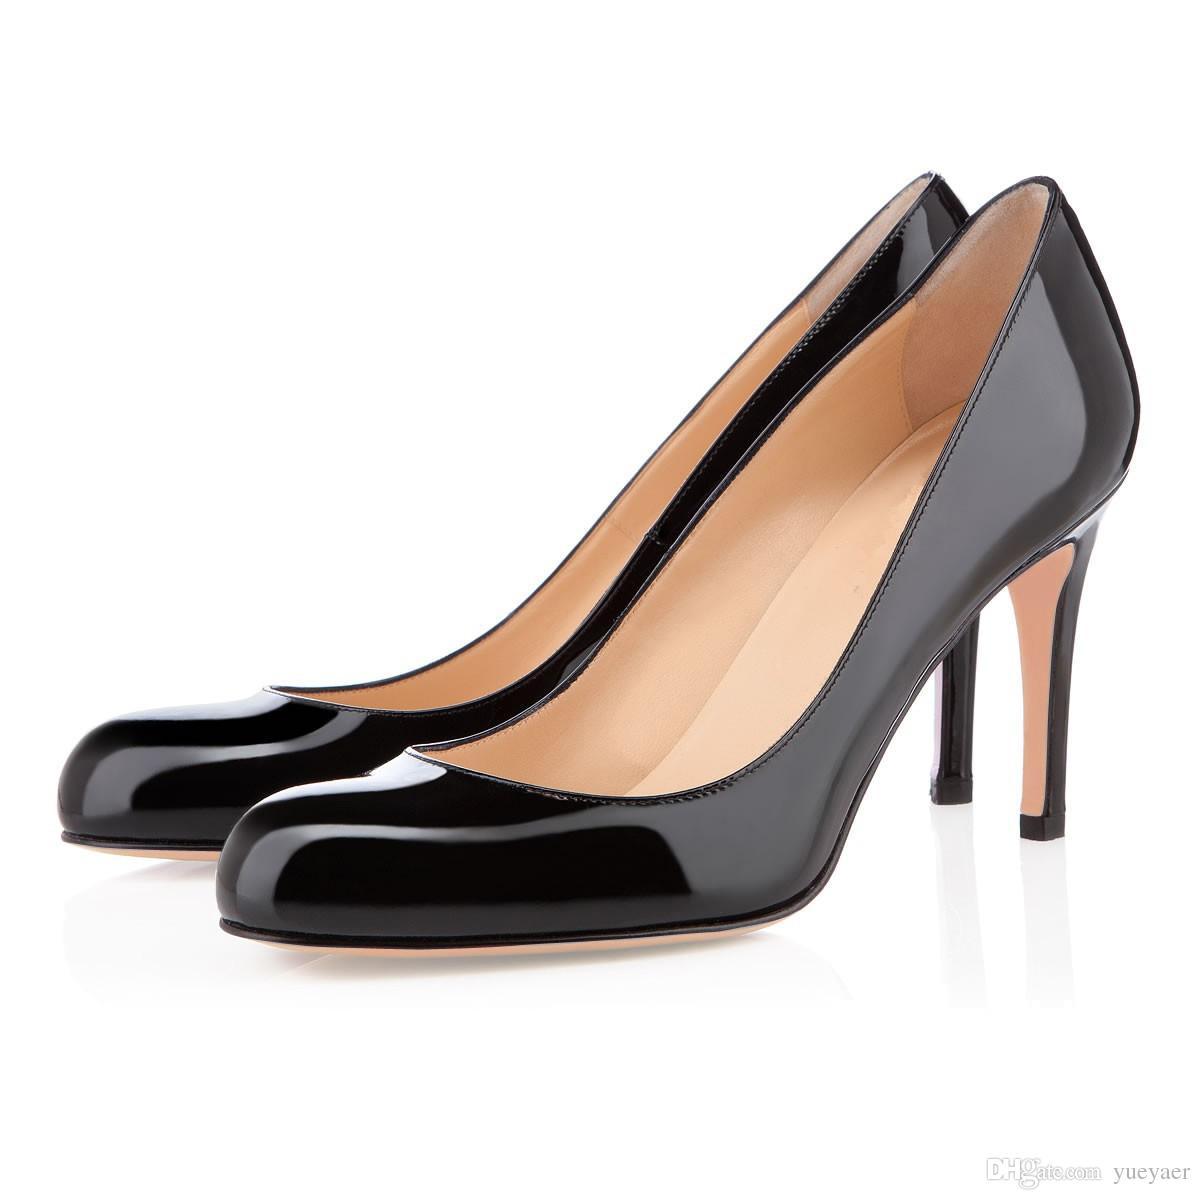 Karmran Femmes Handmade Fashion Pompes Simples 85mm Bout Fermé À Talons Hauts Prom Robe De Soirée Chaussures Noir Z626